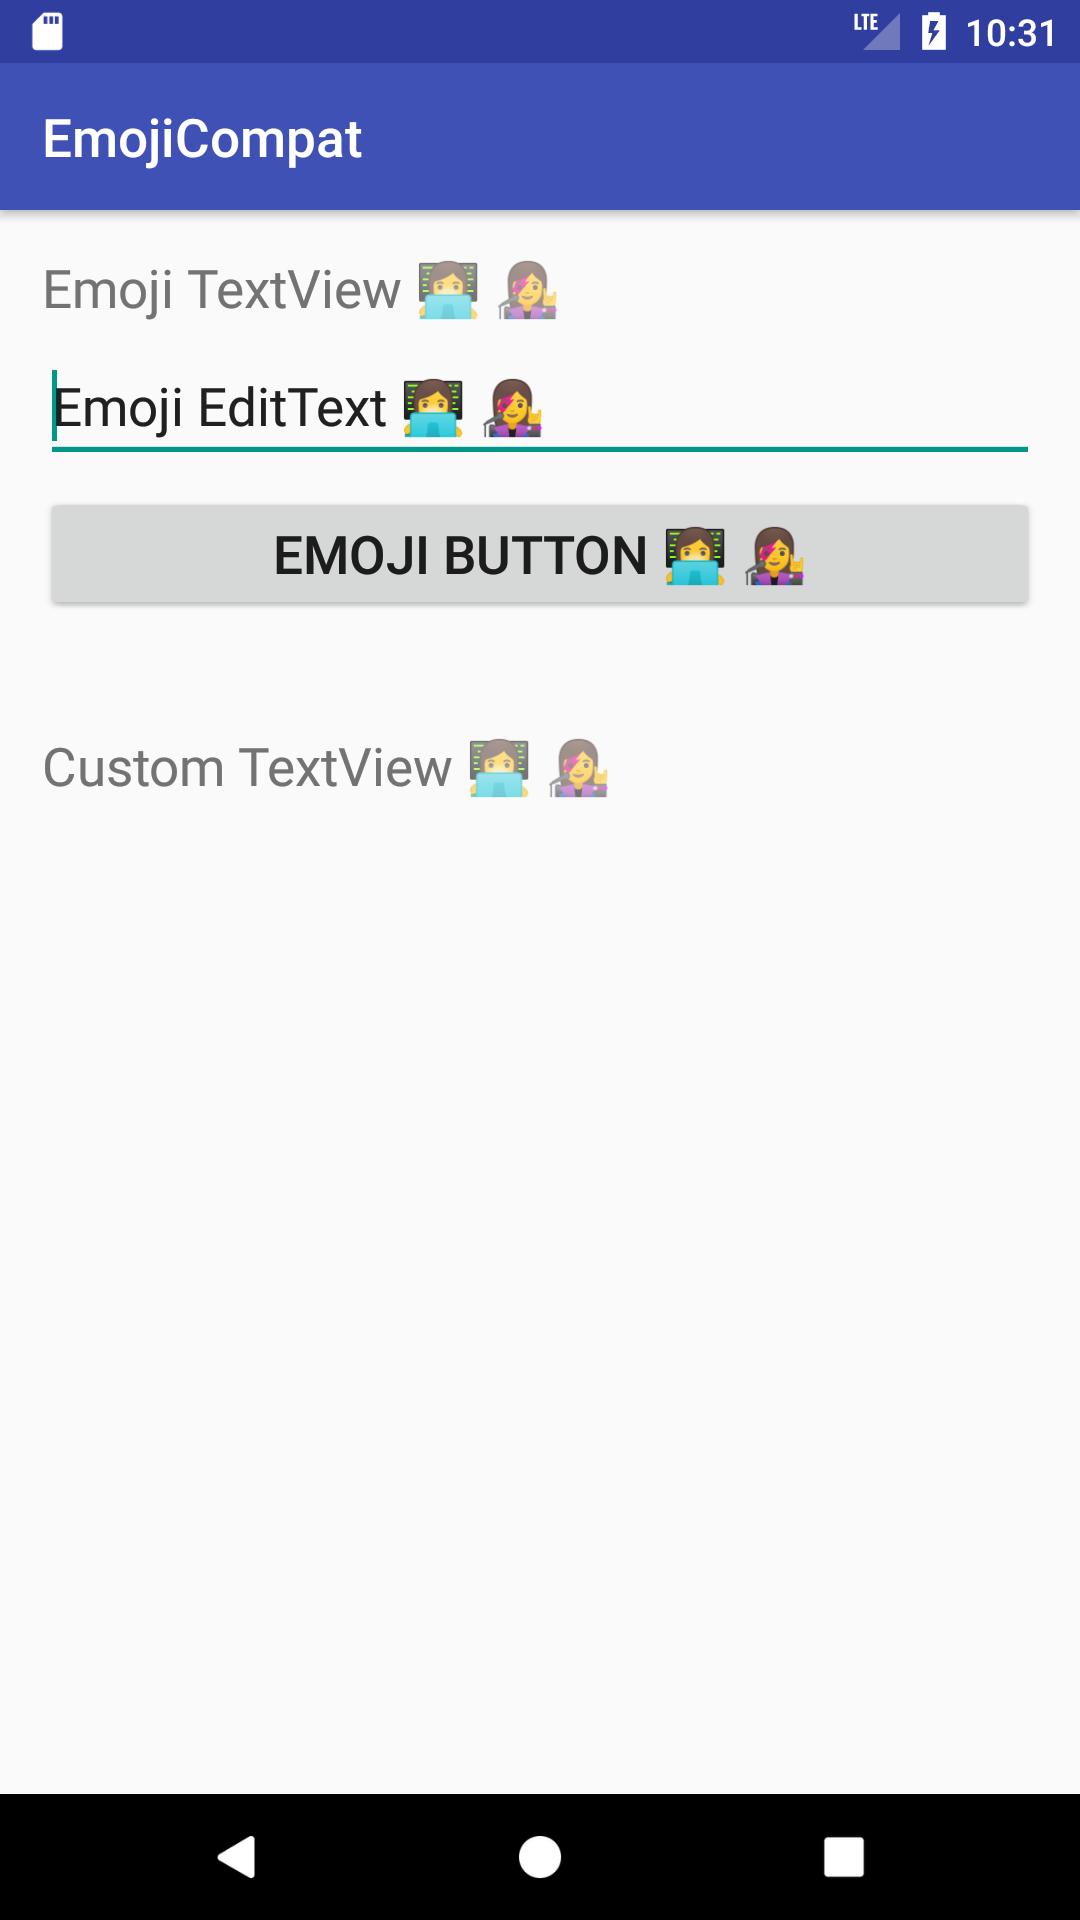 Xamarin Android - EmojiCompat Sample - Code Samples